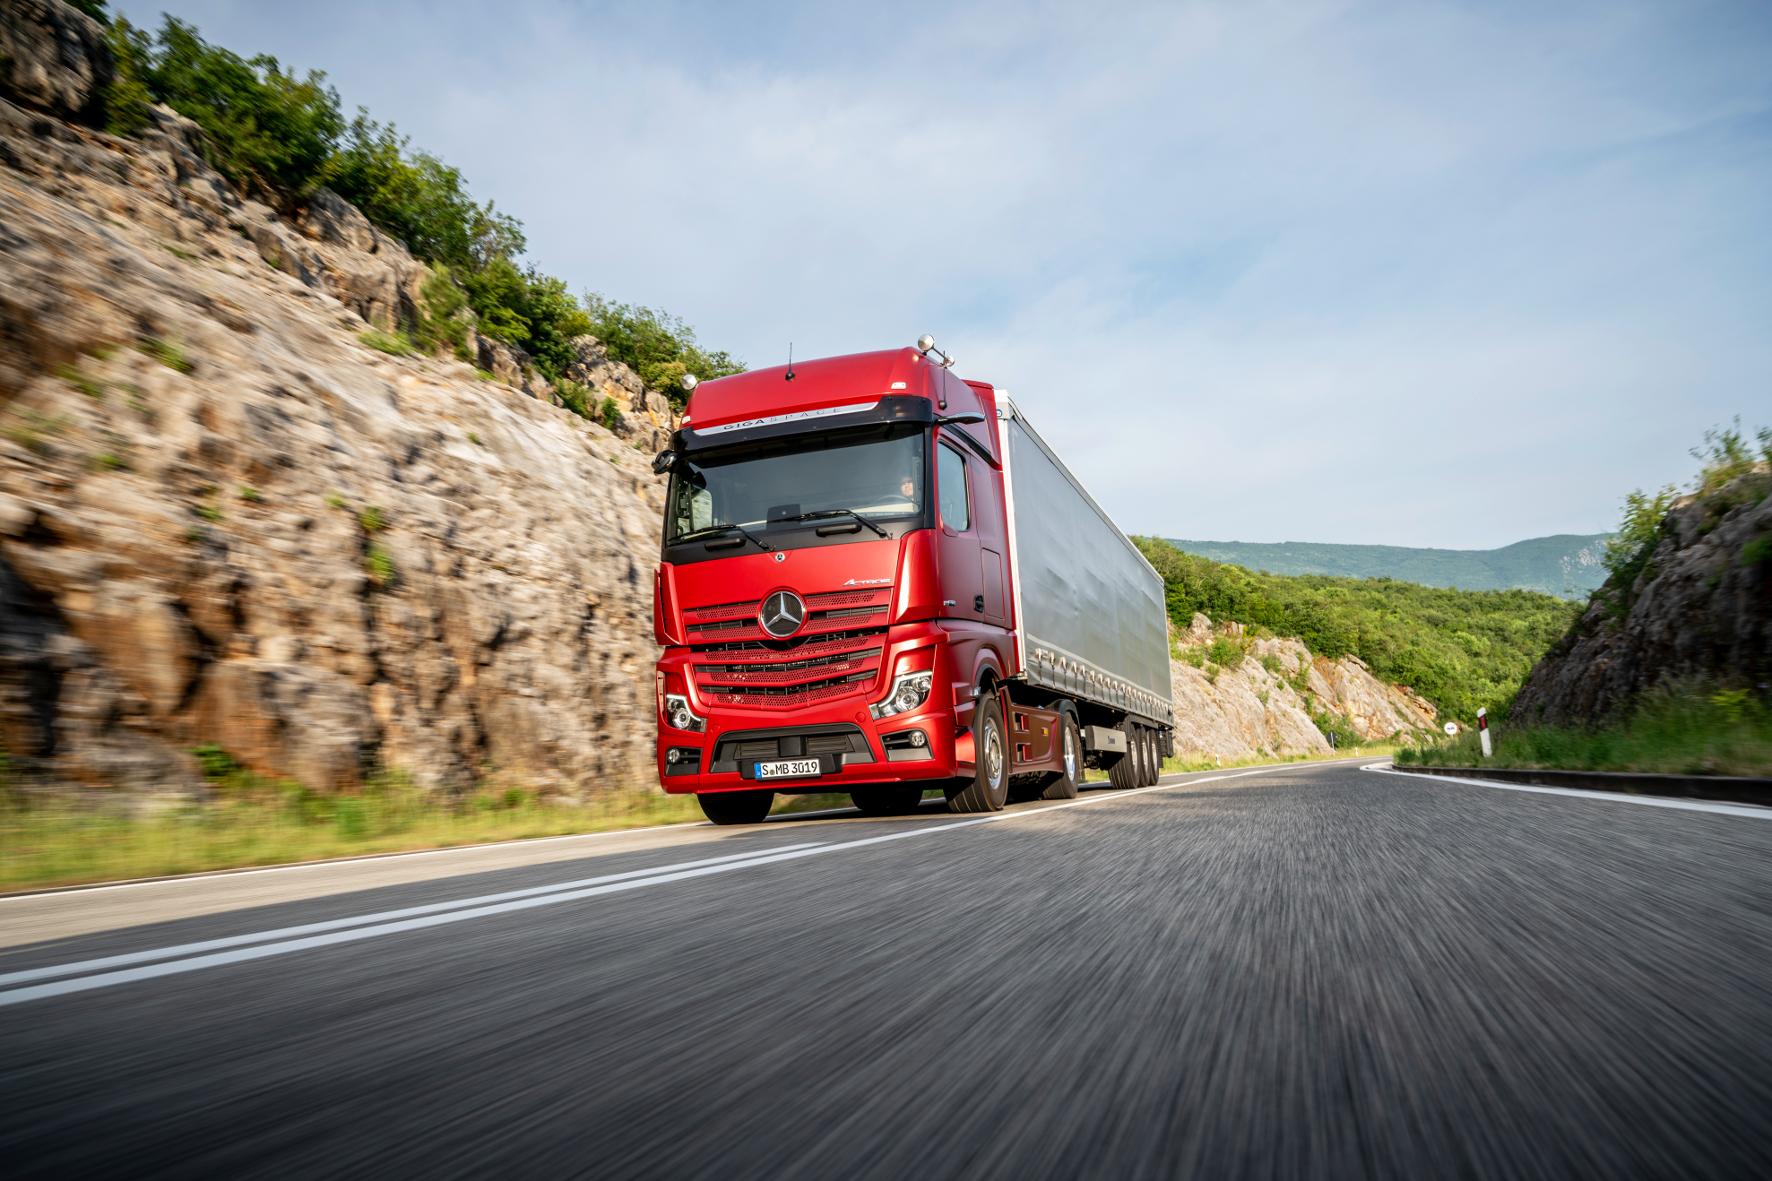 mid Gaggenau - Ab Mitte 2019 beim Kunden: die neueste Version des Daimler Trucks & Buses-Flaggschiffs Actros, hier als Actros 1863 LS 4x2 mit 15,6 l Hubraum und 625 PS. Daimler